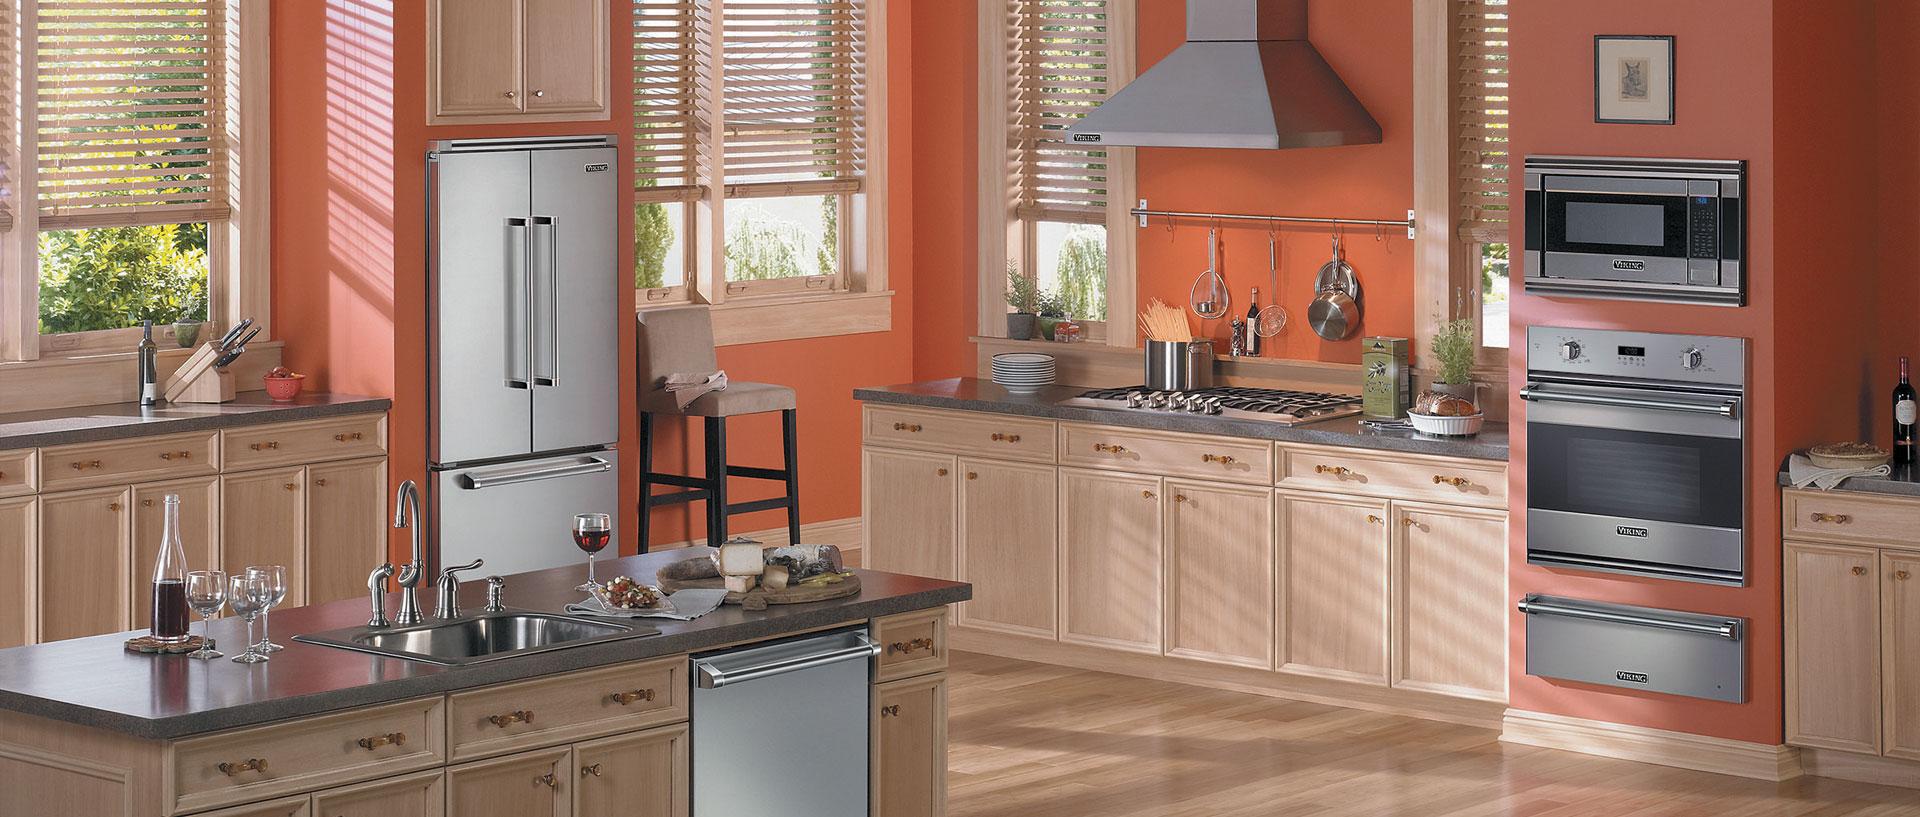 Viking Kitchen Appliance Package Deals  Dandk Organizer